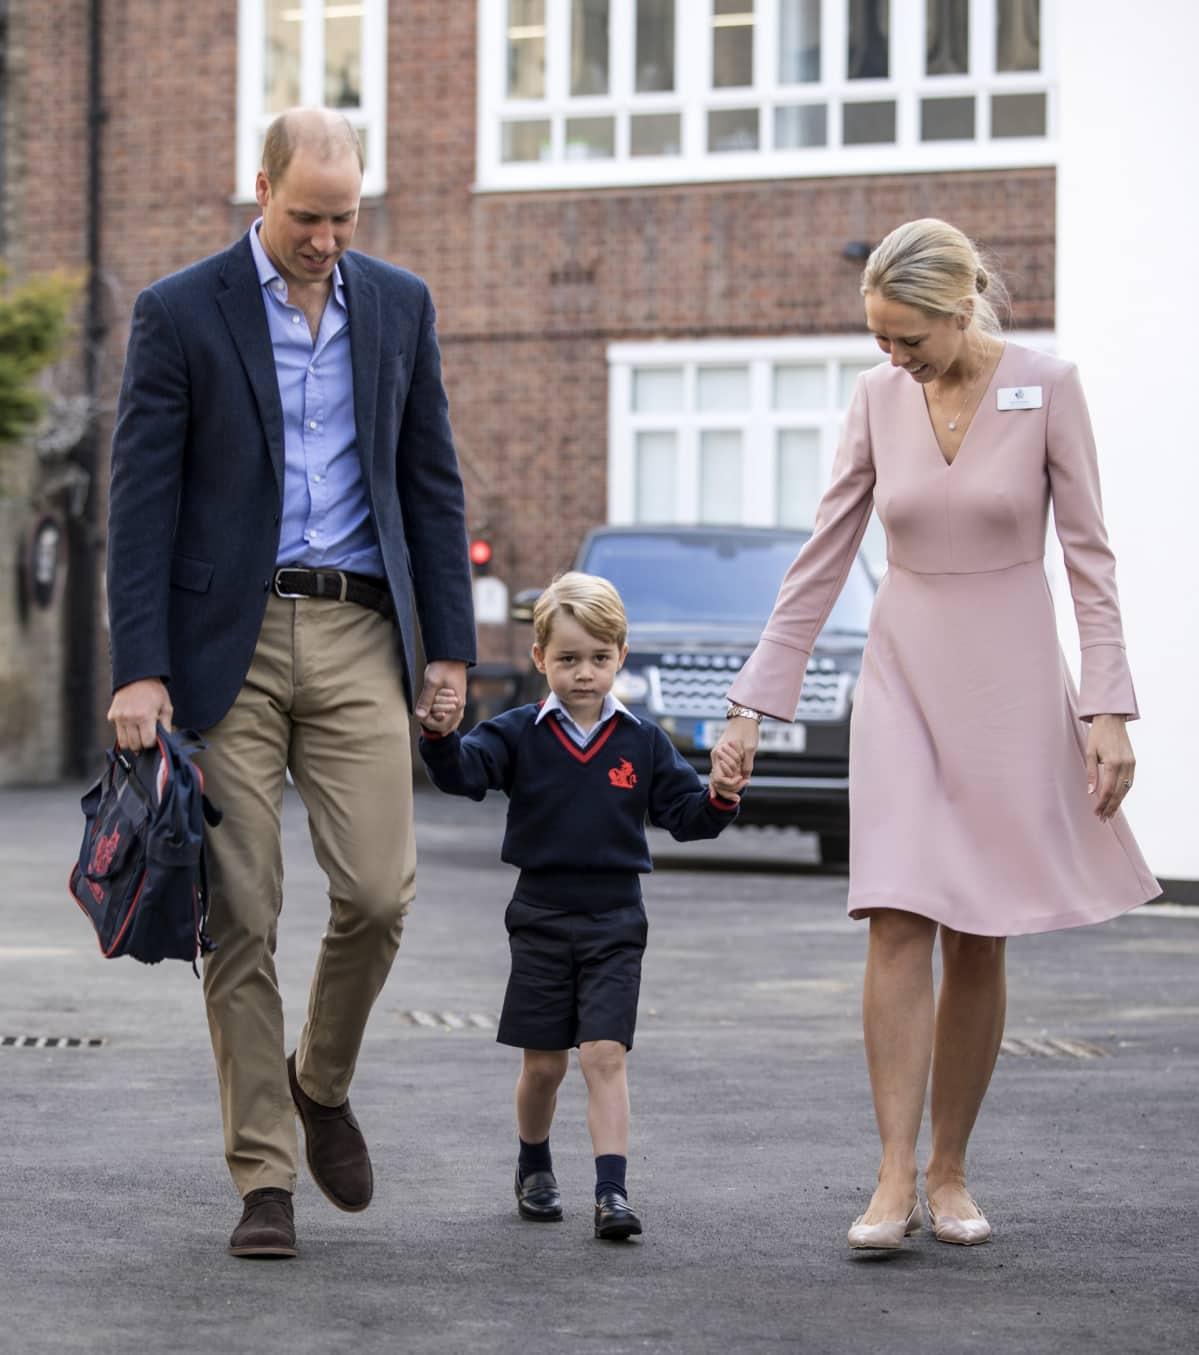 Prinssi George kävelemässä käsi kädessä isänsä prinssi Williamin ja alakoulunsa rehtorin Helen Haslemin kanssa.